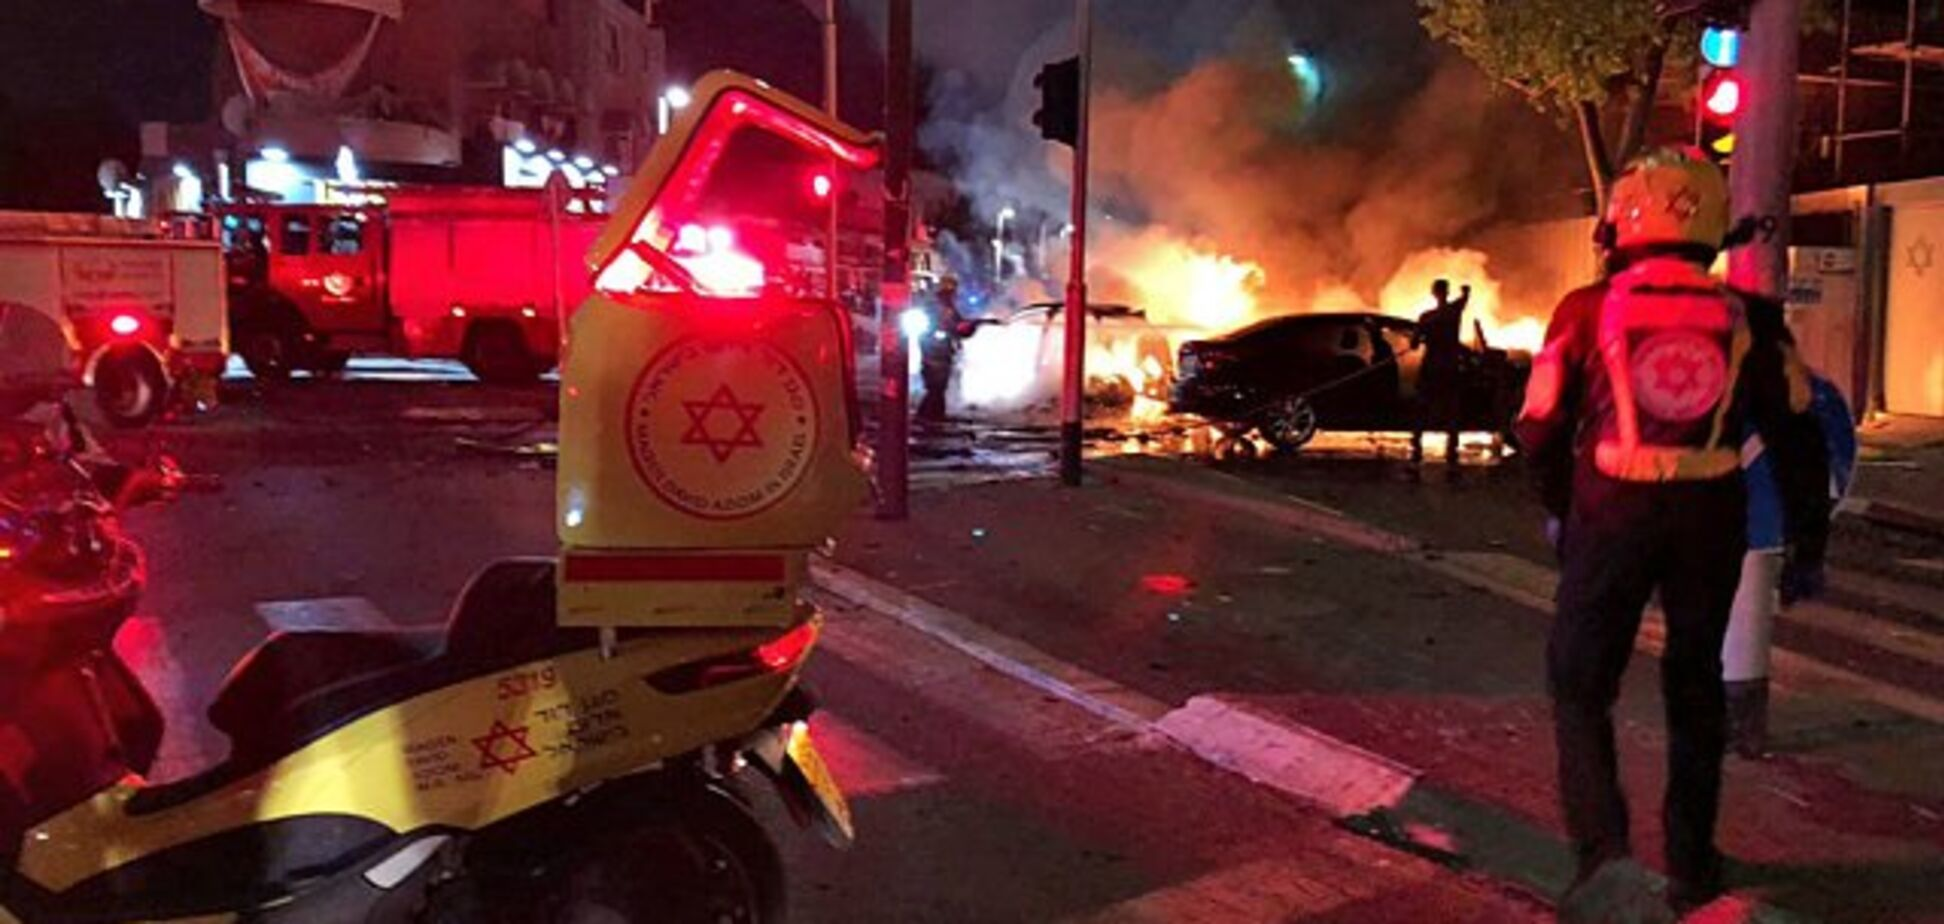 В Израиле взорвали криминального авторитета: фото и видео смертельного 'фейерверка'